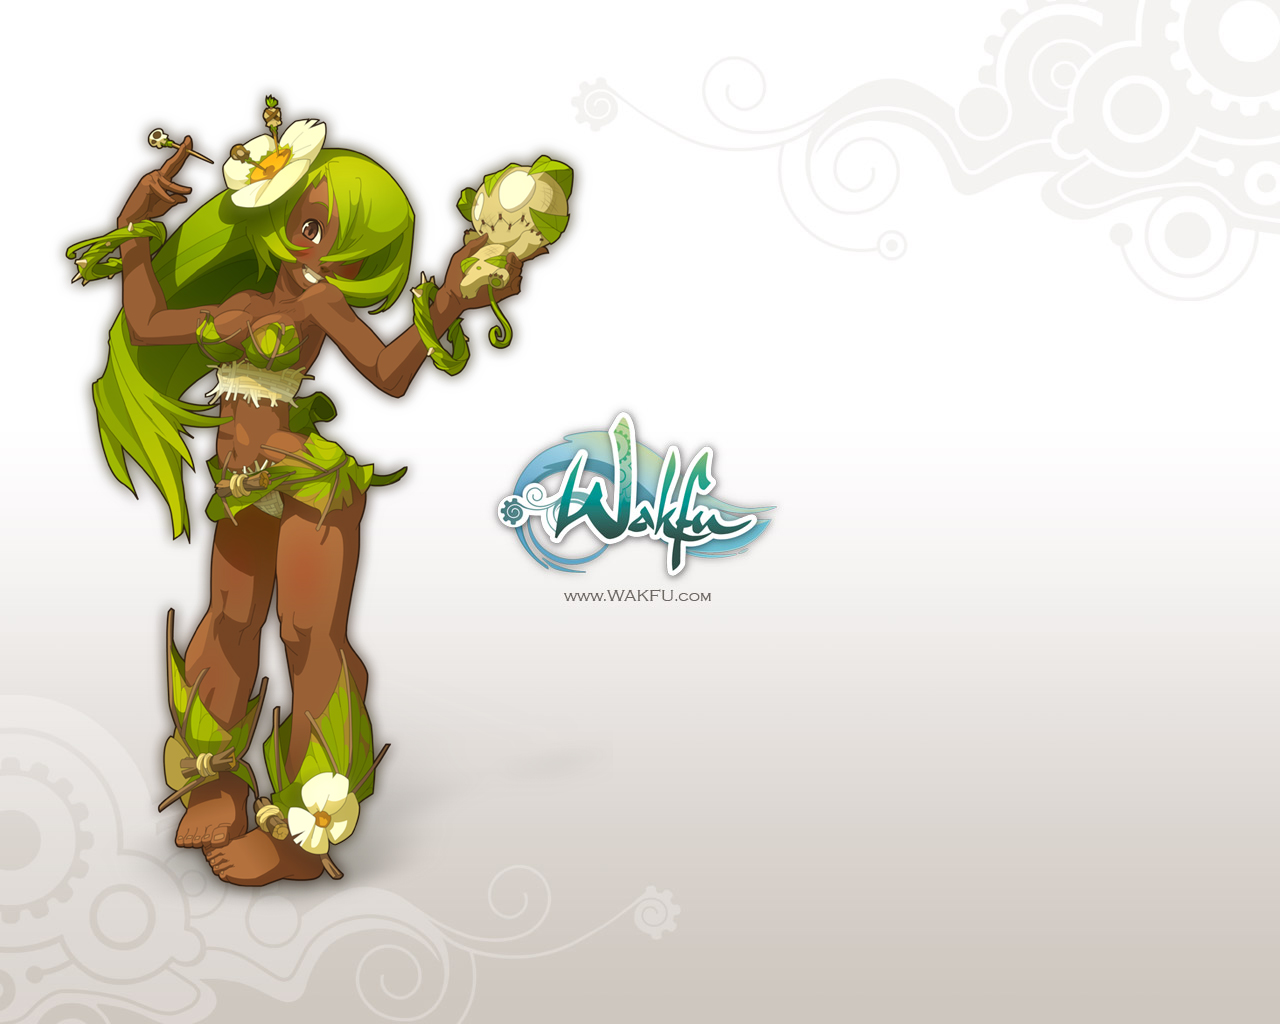 Wakfu PC Wallpapers, fonds d'écran, images - Legendra RPG